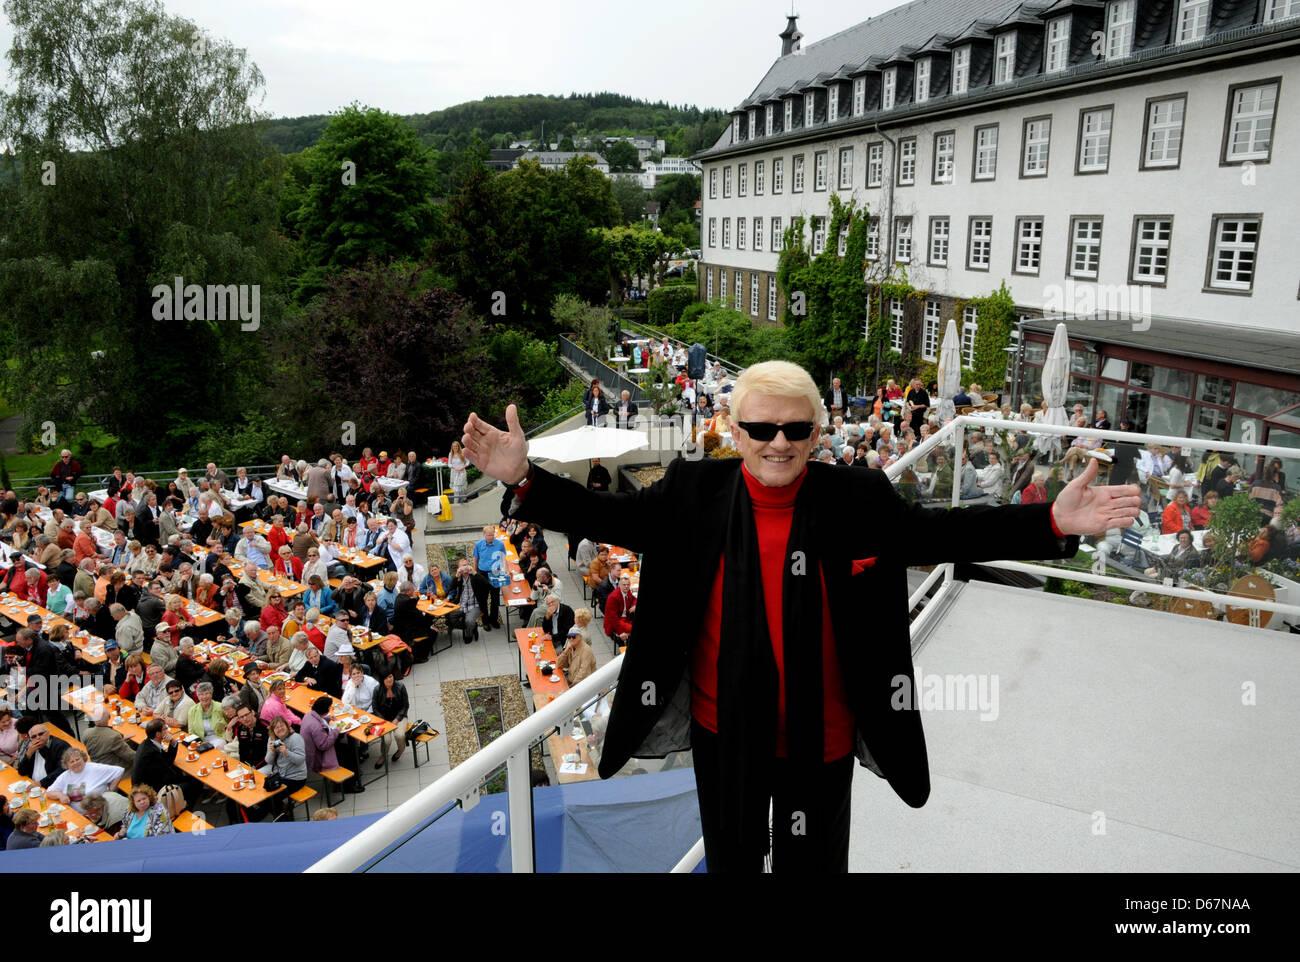 Der Volkssänger Heino posiert am Sonntag (24.06.2012) in Bad Münstereifel mit ausgebreitetet Armen vor dem Kurhaus Stock Photo